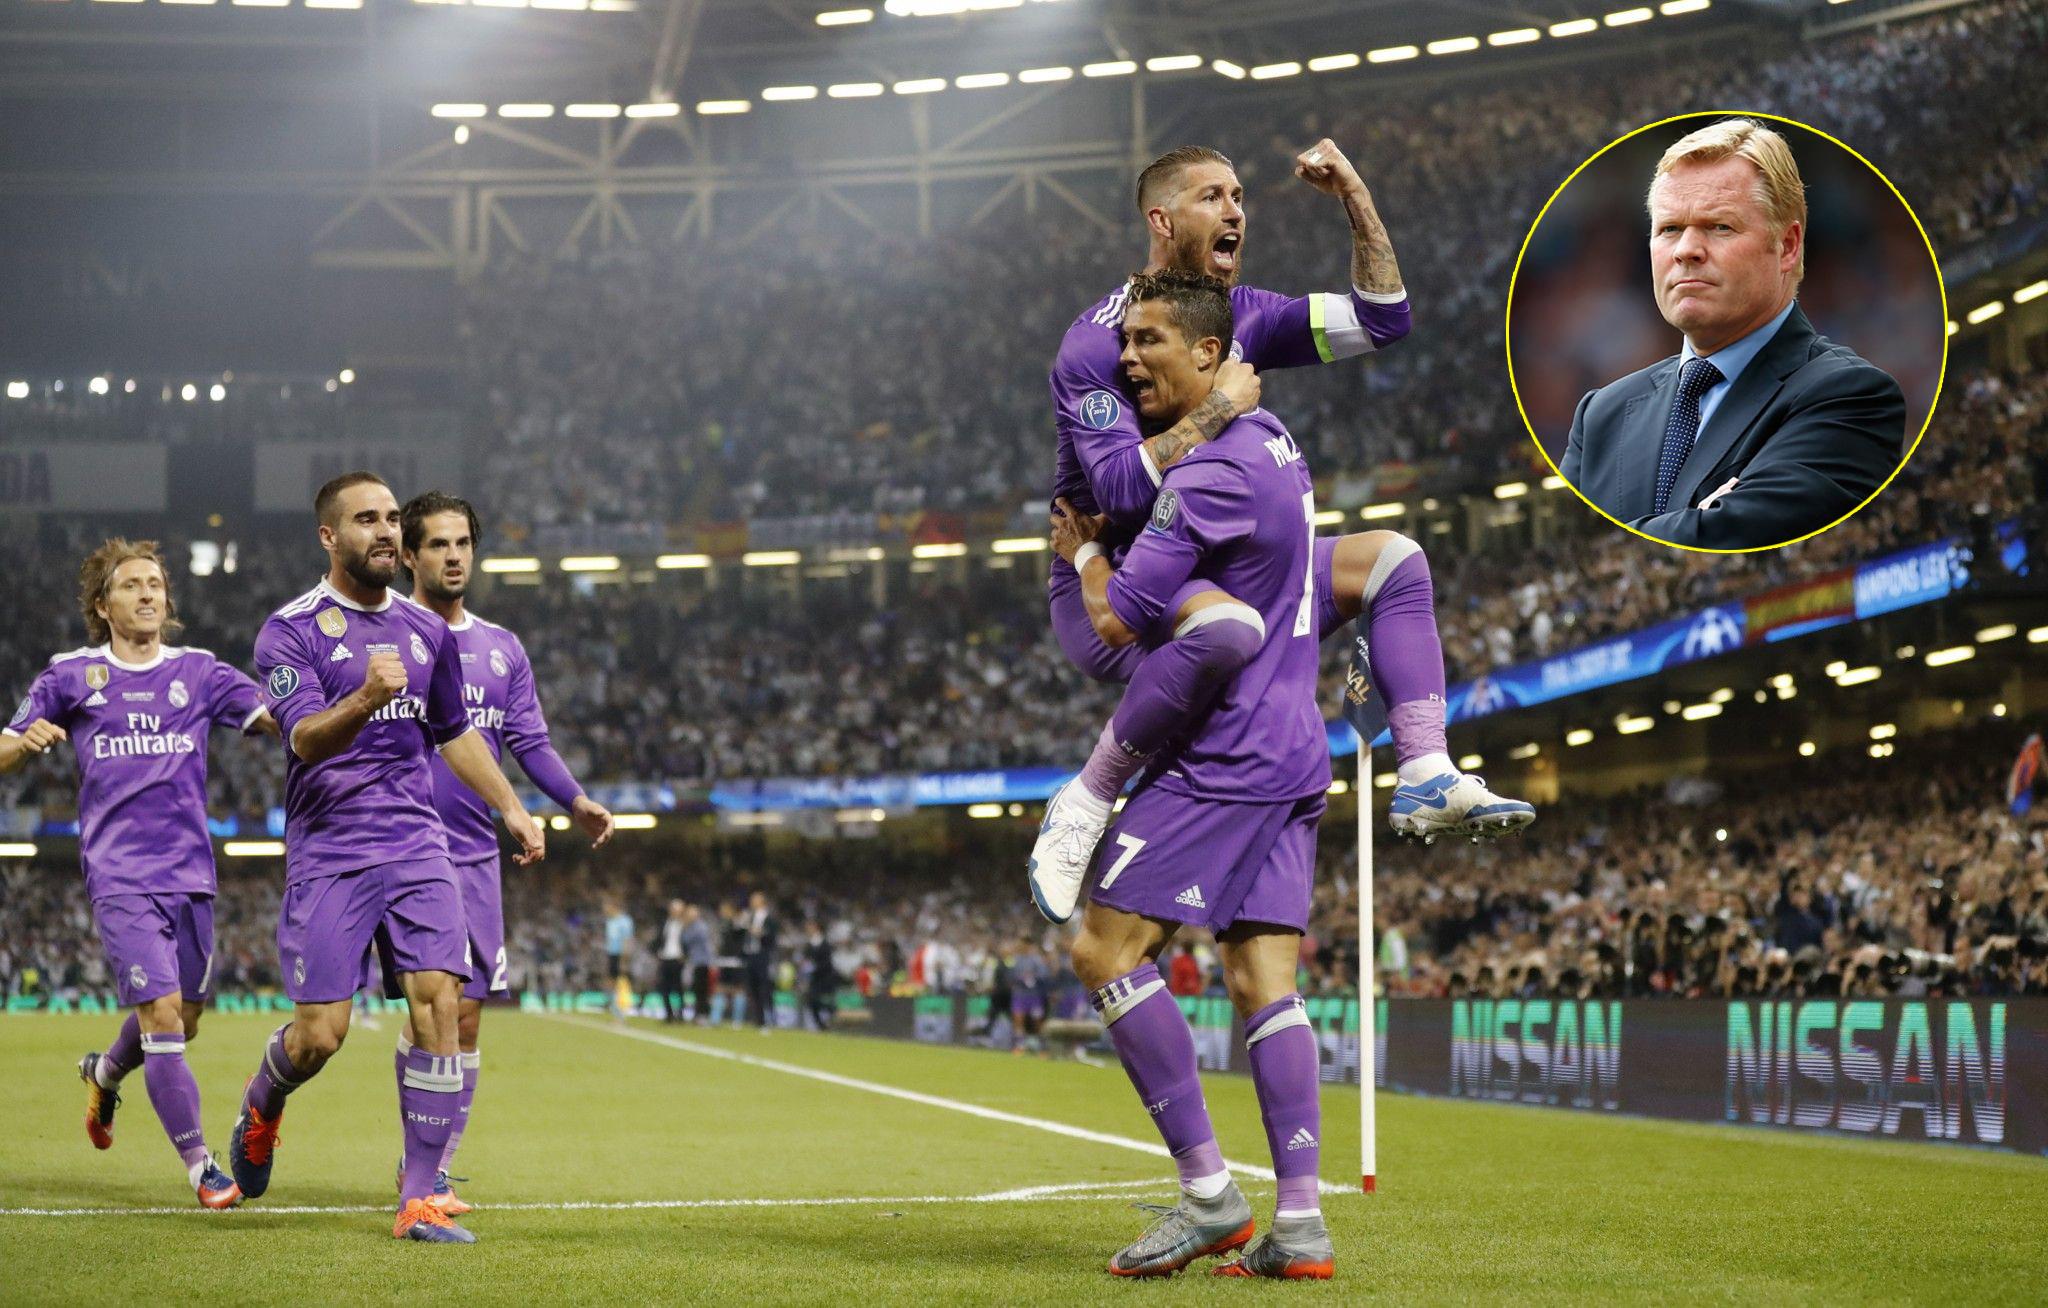 Huyền thoại Hà Lan chỉ ra đội bóng có thể đánh bại Real hiện tại một cách dễ dàng